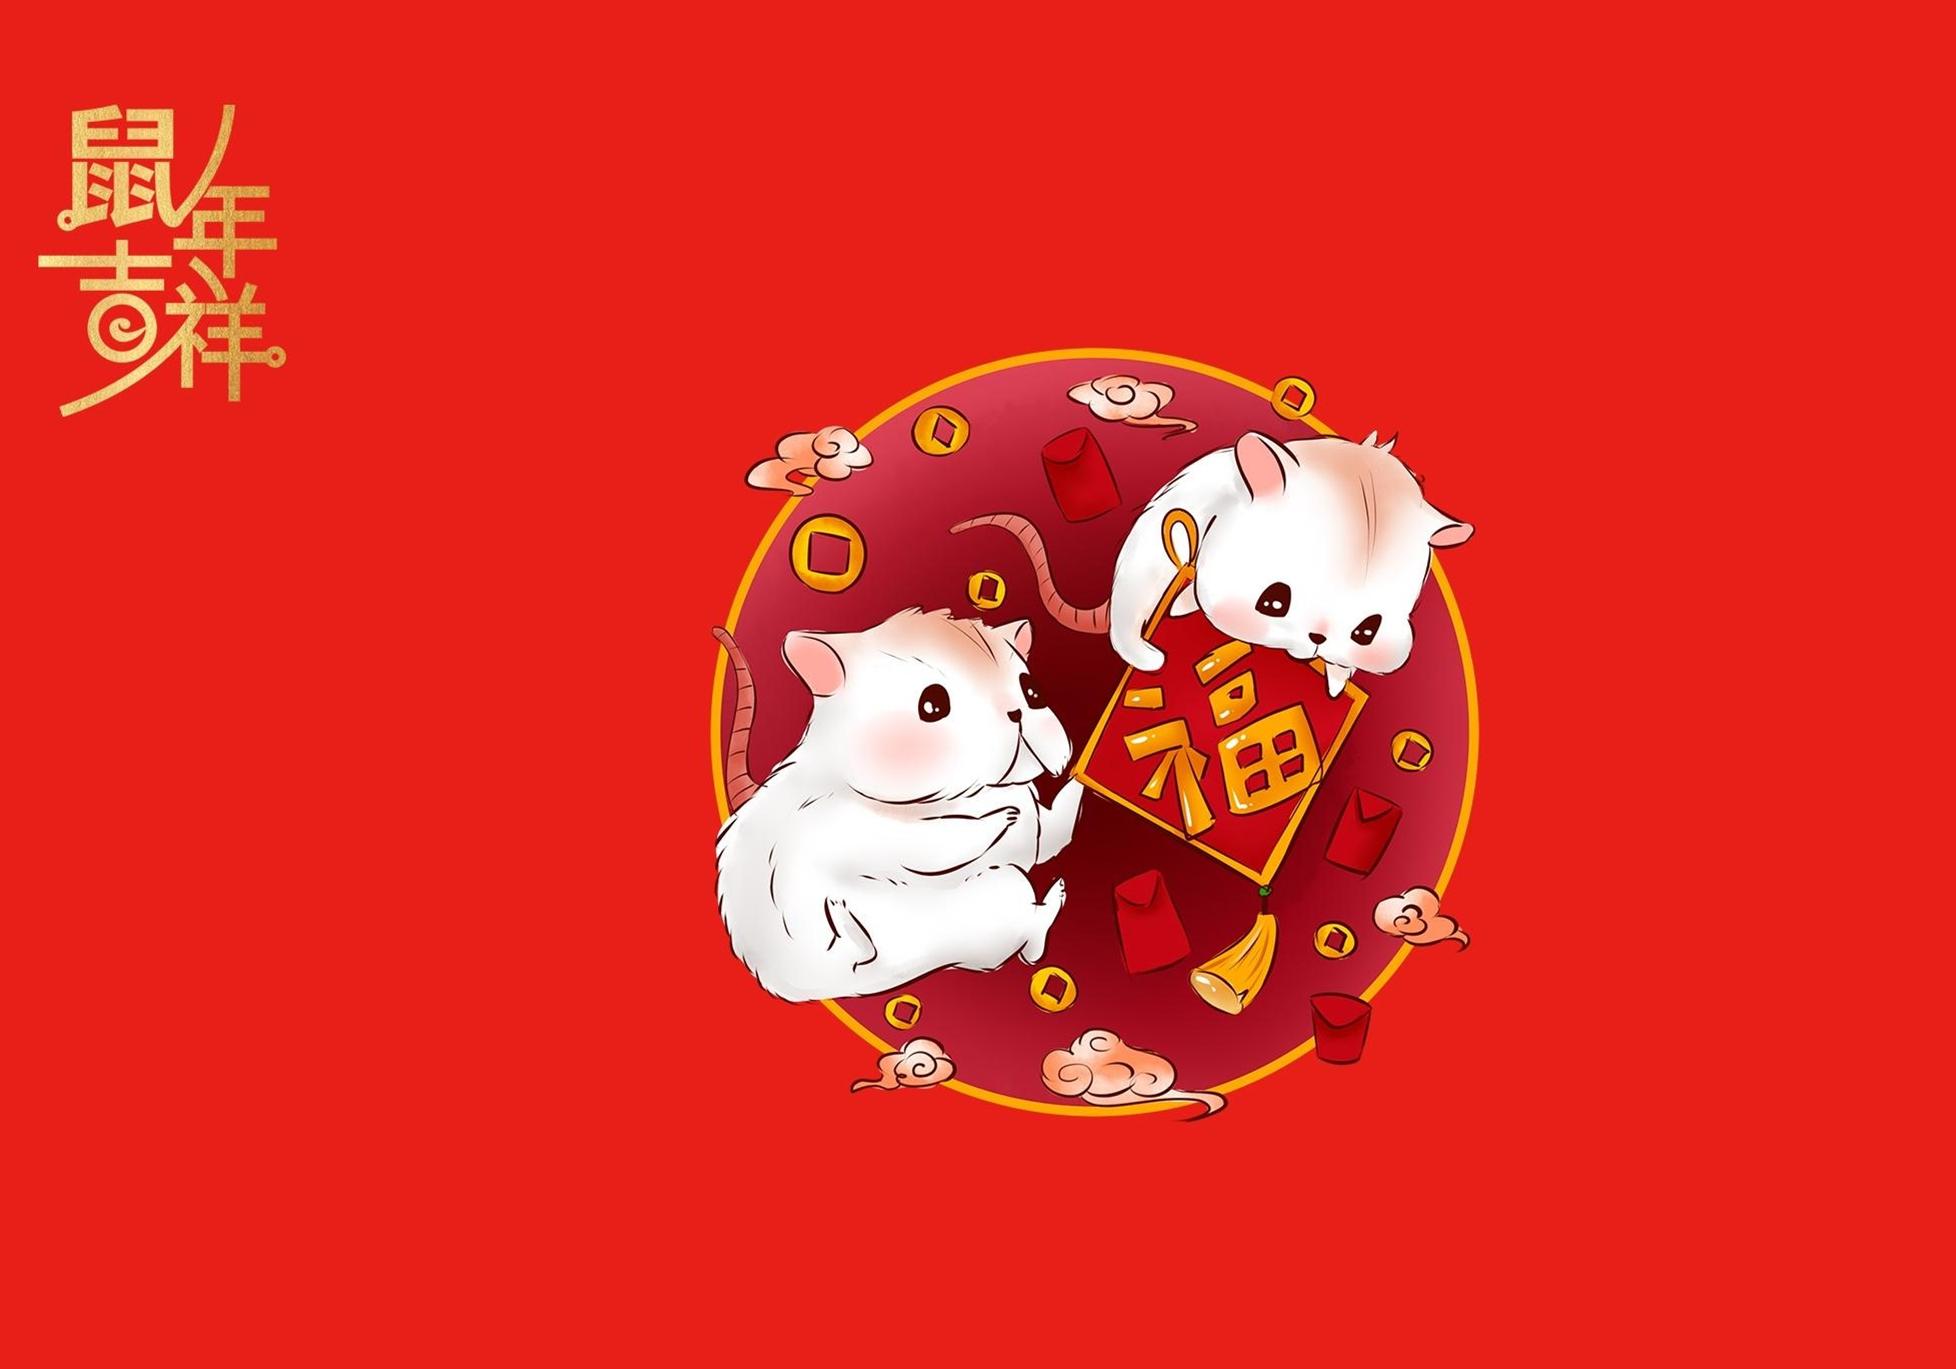 音平商城恭祝大家 新春快乐 鼠年大吉